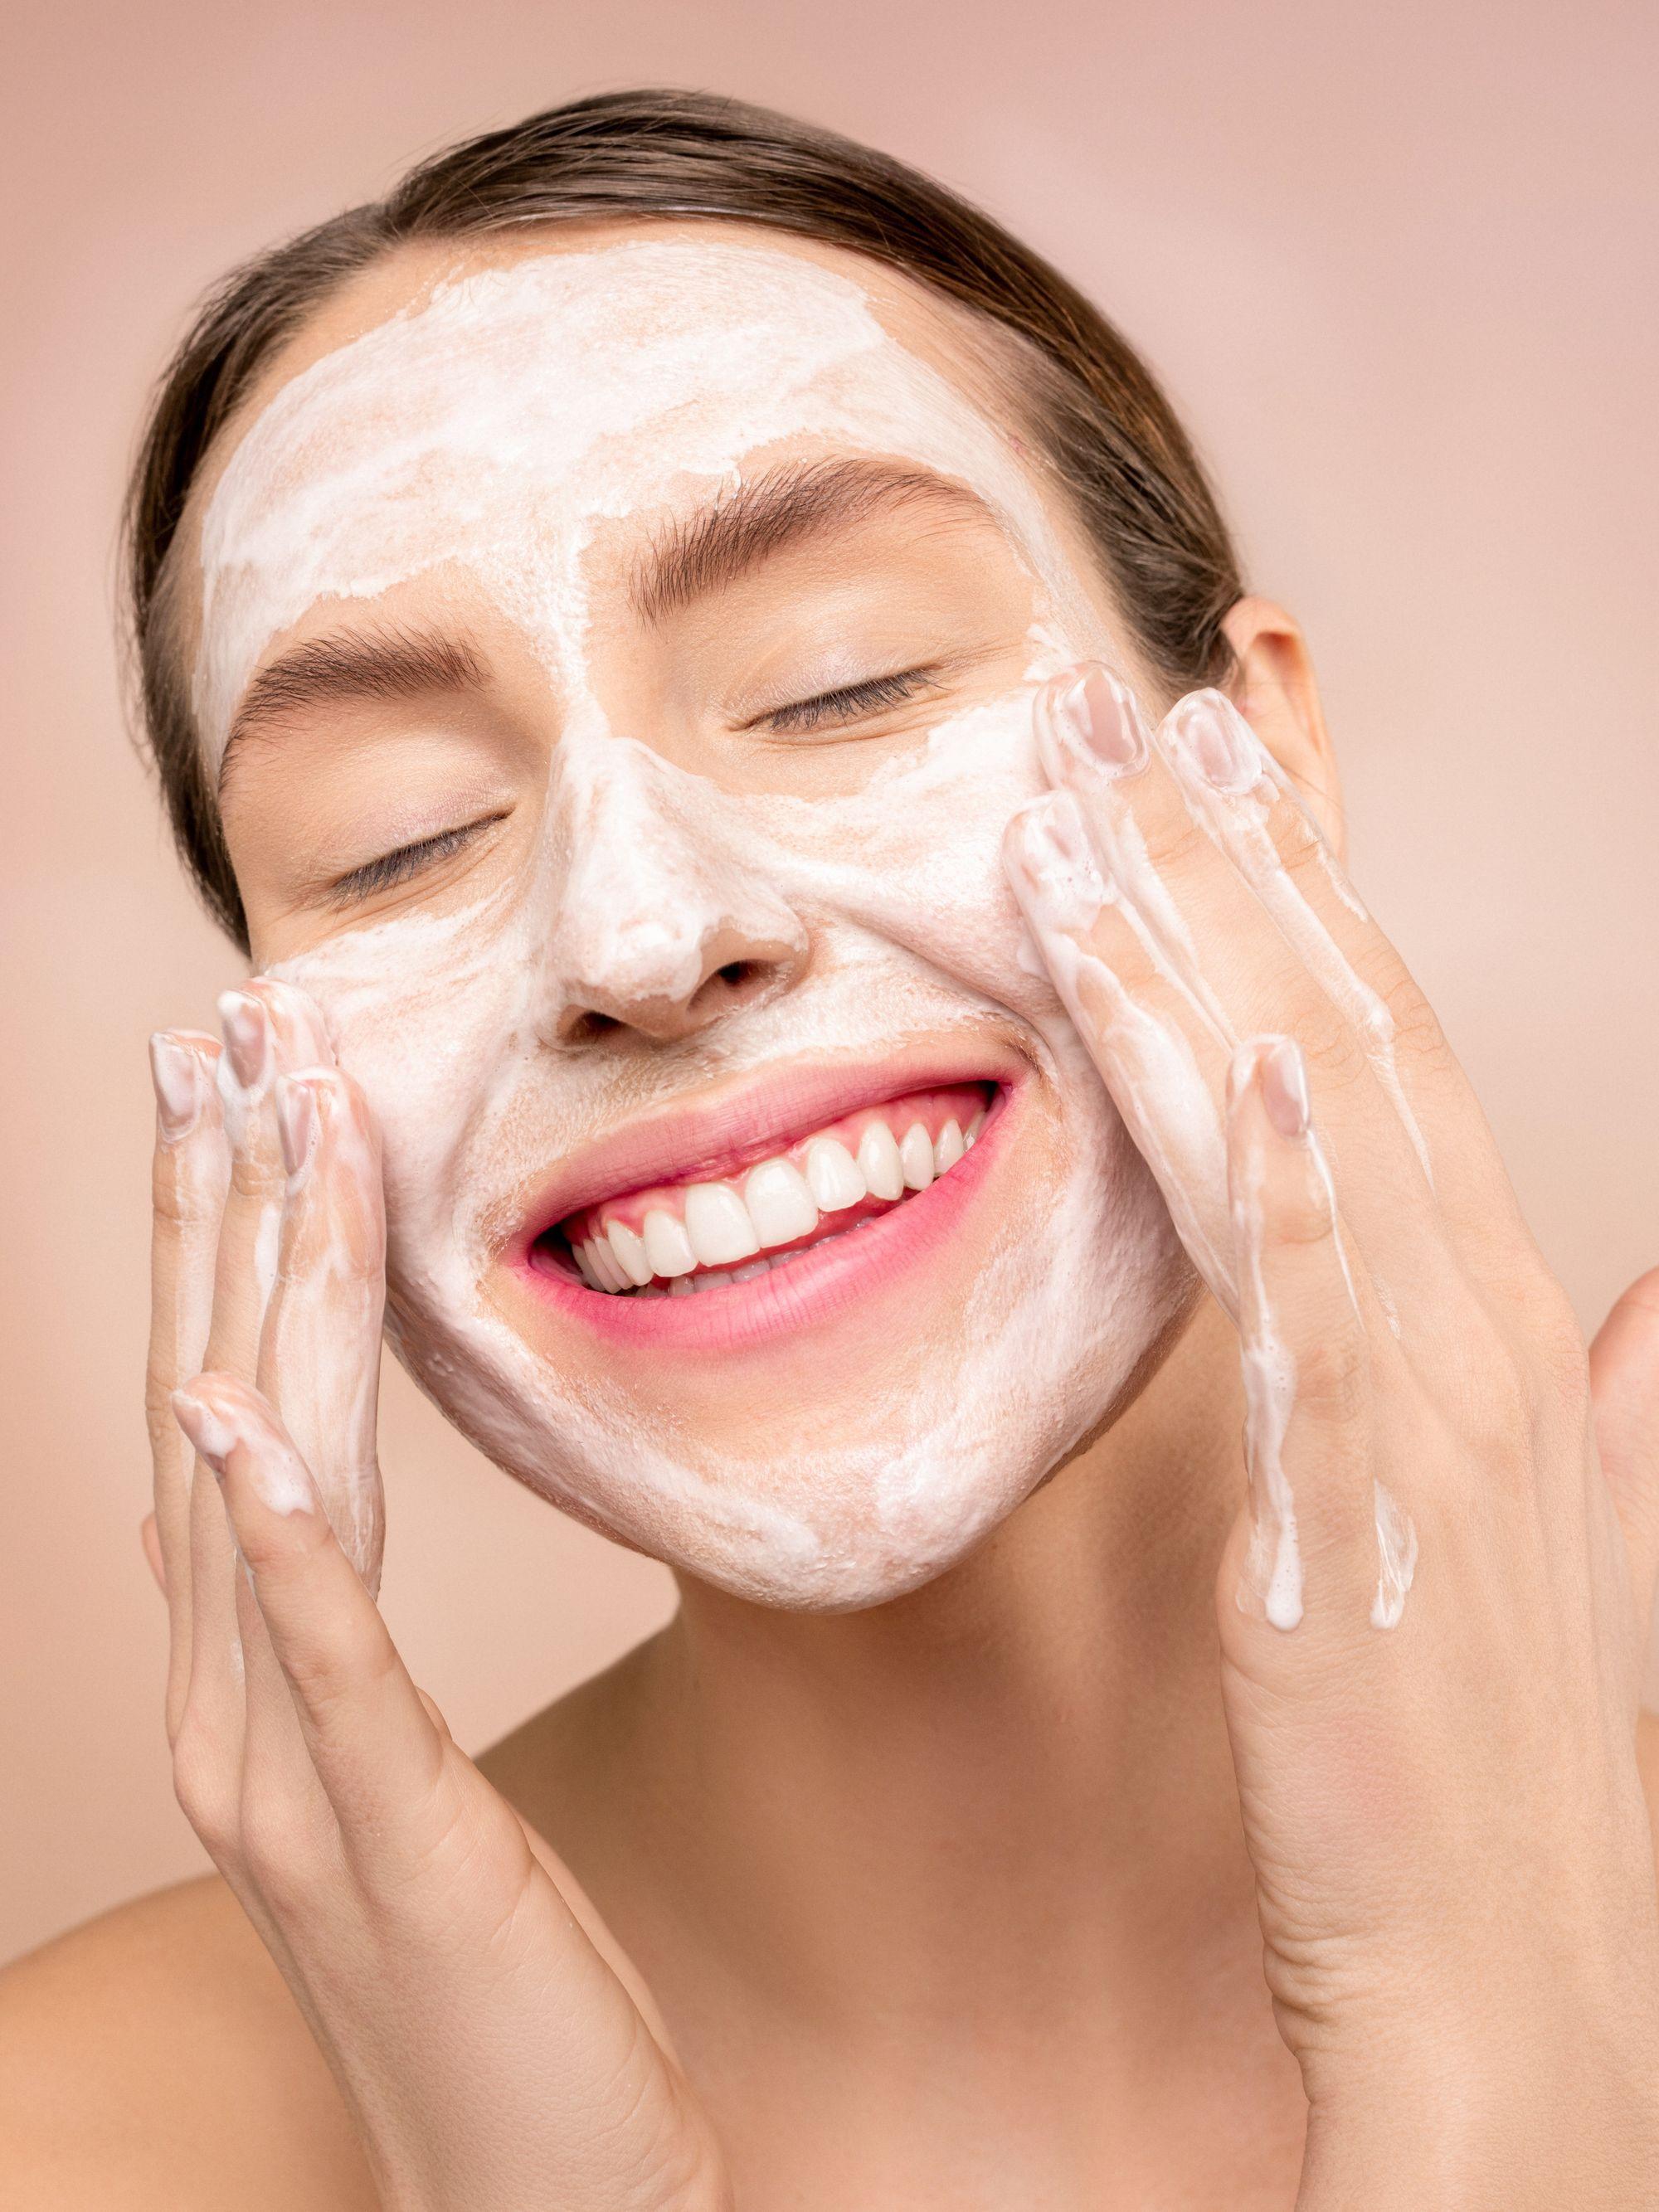 Sabonete facial: o primeiro produto de todo skincare de sucesso